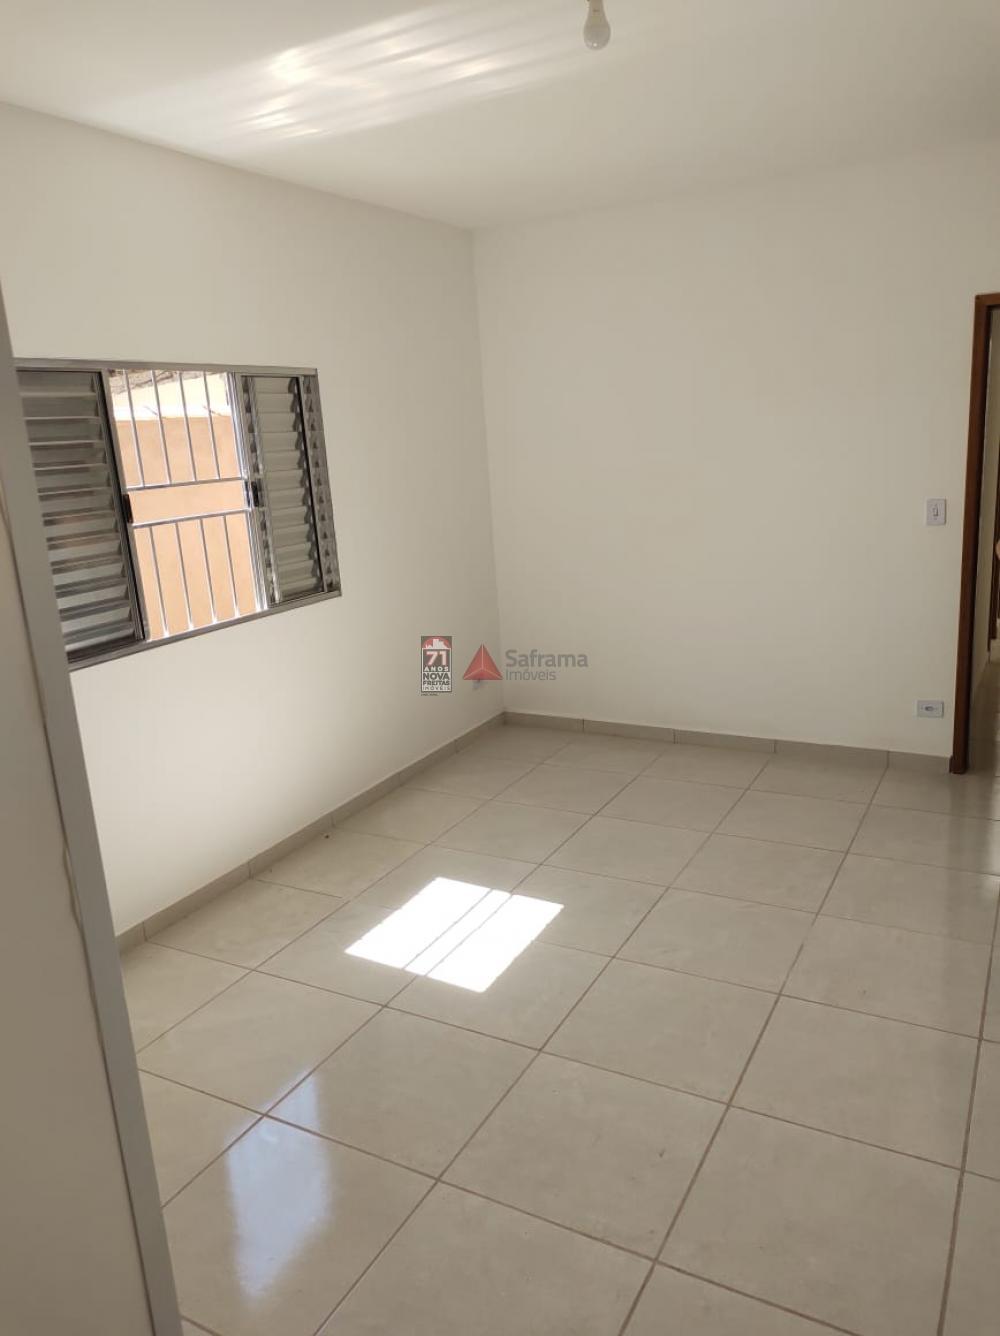 Comprar Casa / Padrão em Pindamonhangaba apenas R$ 235.000,00 - Foto 6